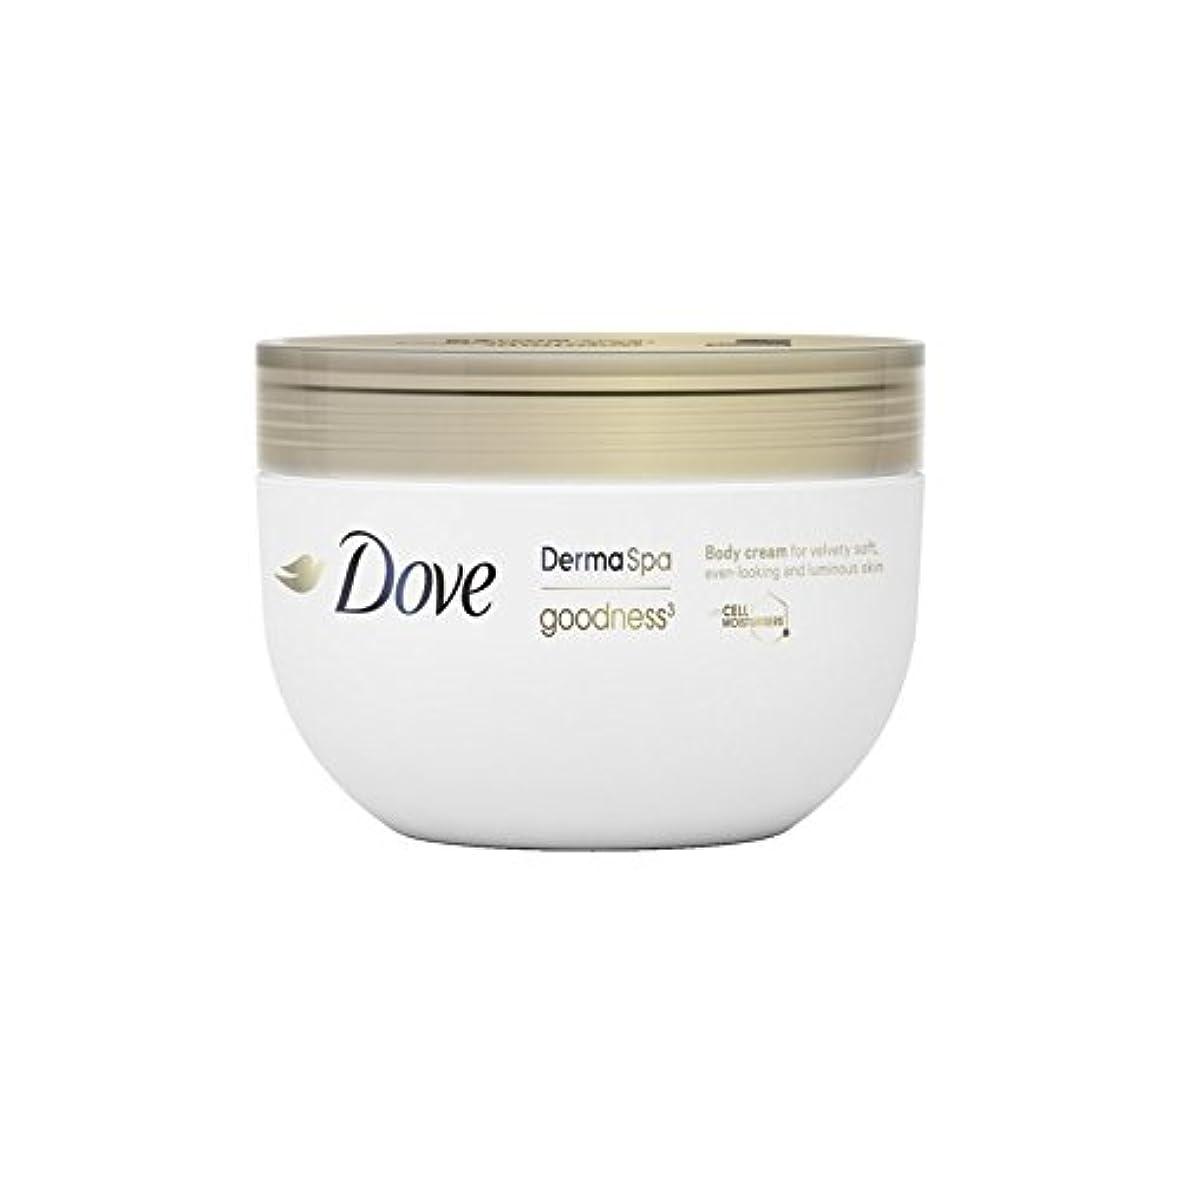 変成器前置詞懐疑的Dove DermaSpa Goodness3 Body Cream (300ml) (Pack of 6) - 鳩の3ボディクリーム(300ミリリットル) x6 [並行輸入品]